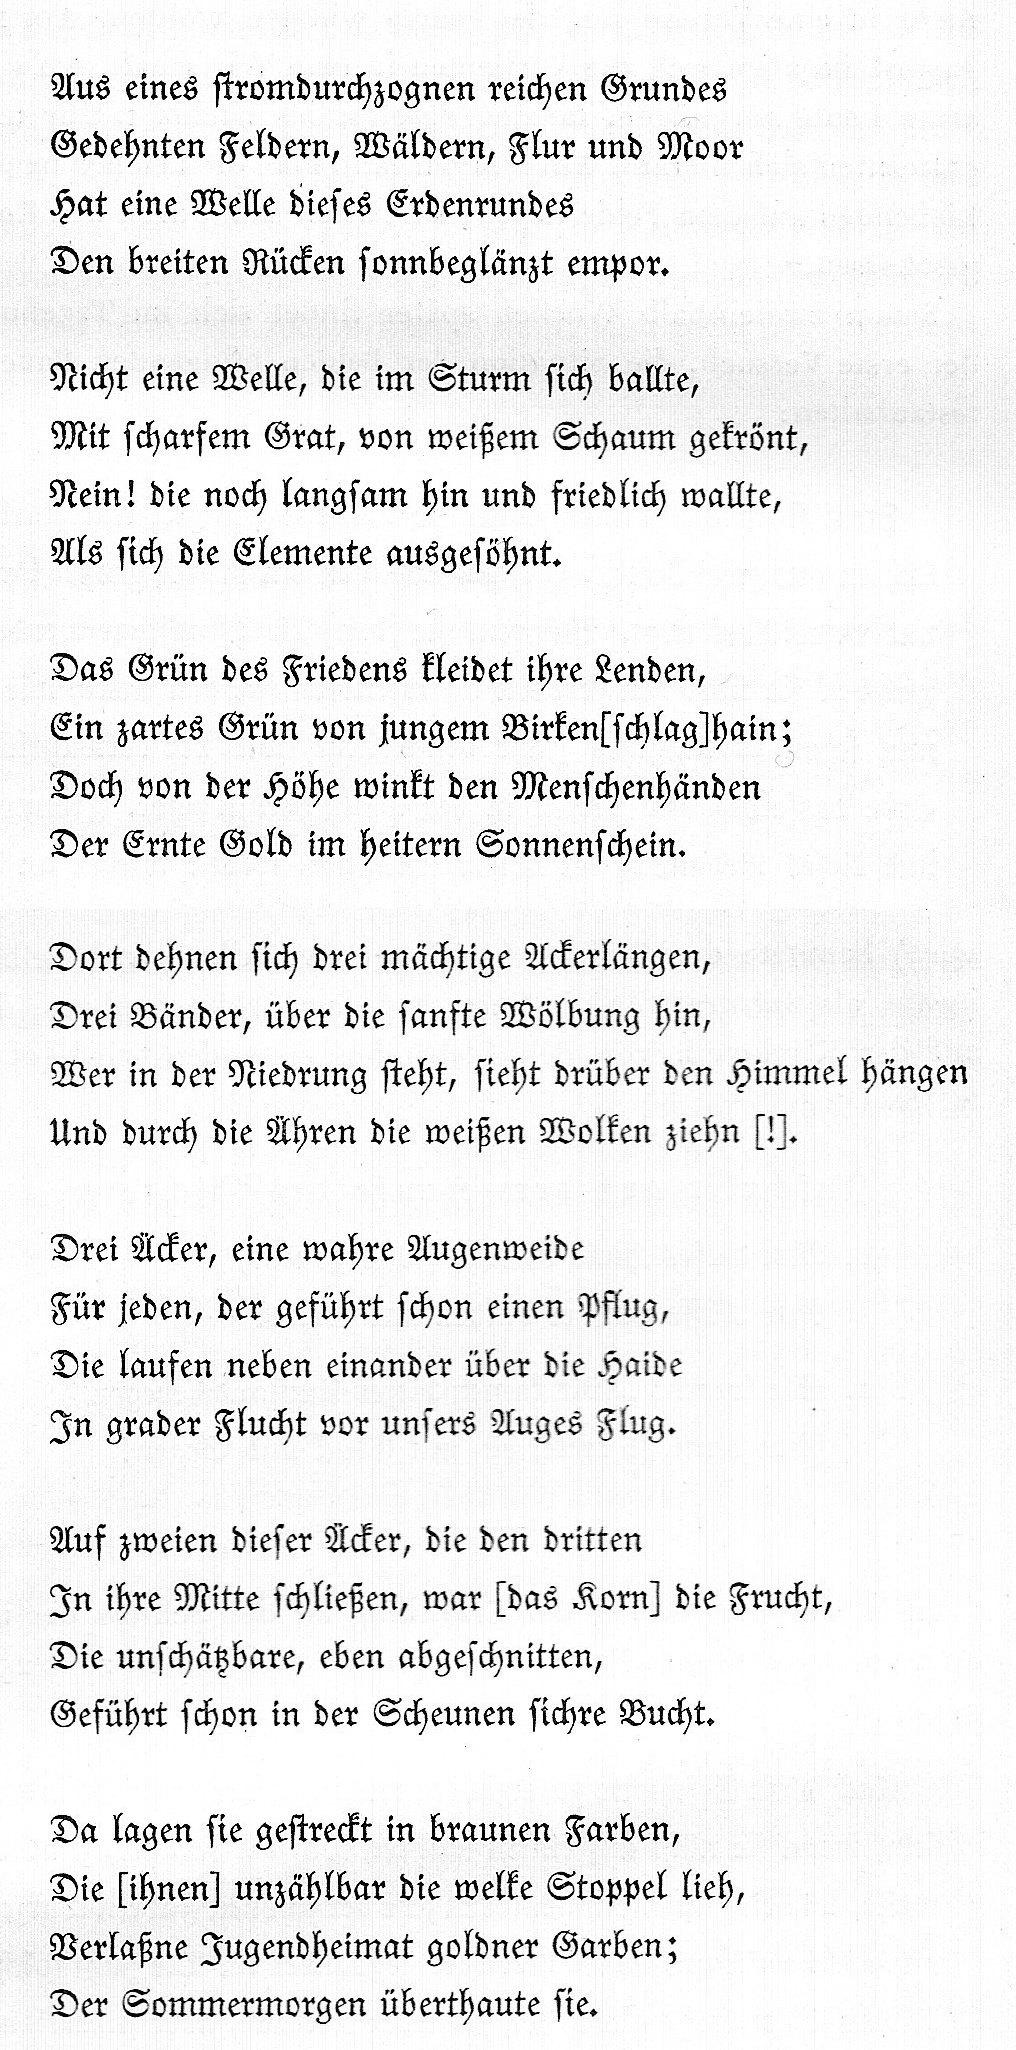 Filegottfried Keller Versepos Rj Fragmentjpg Wikimedia